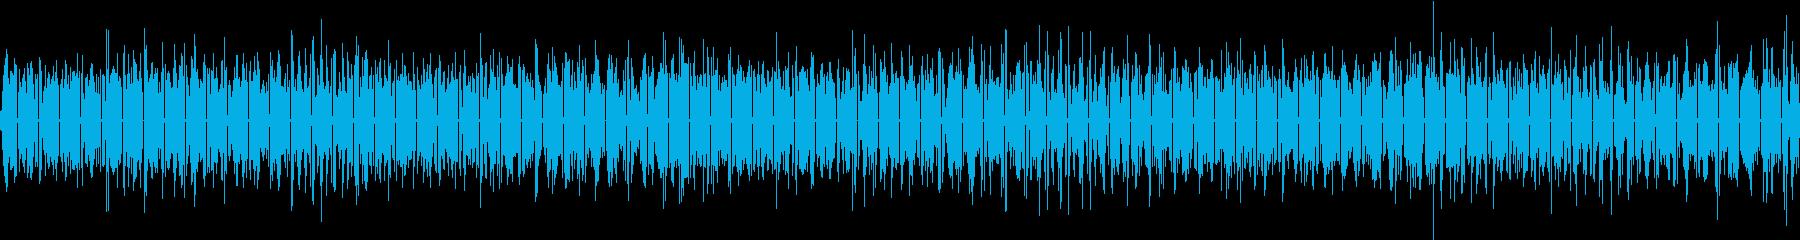 電磁場:一定のスパークリング、SC...の再生済みの波形